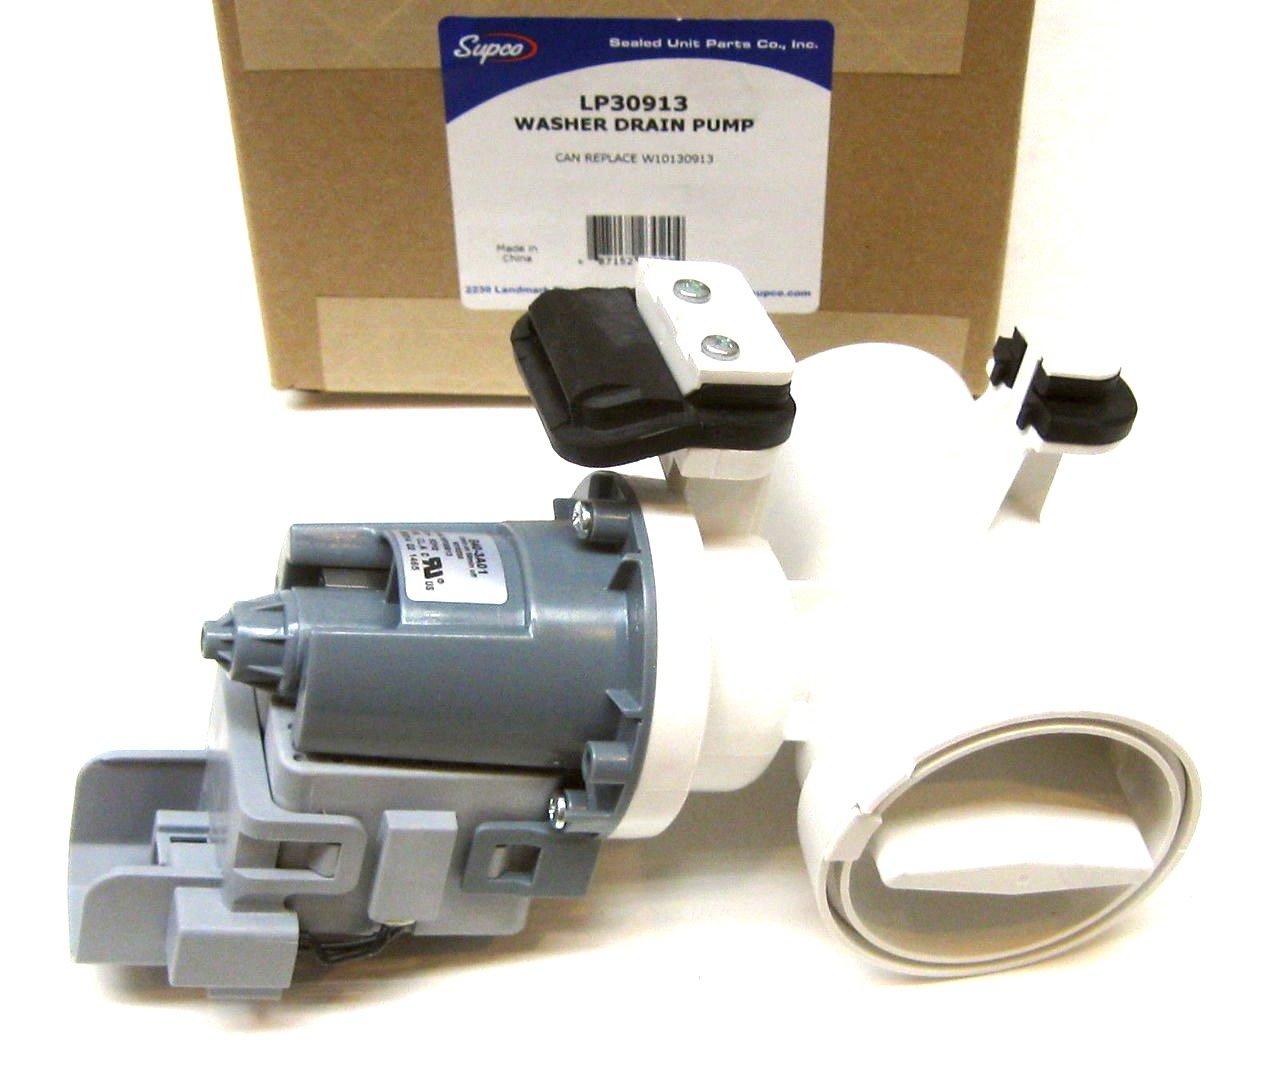 Supco LP30913 Washer Drain Pump Replaces W10130913, W10730972, 8540024, 8540025, 8540027, 8540028, 8540996, W10117829, W10183434, W10190647